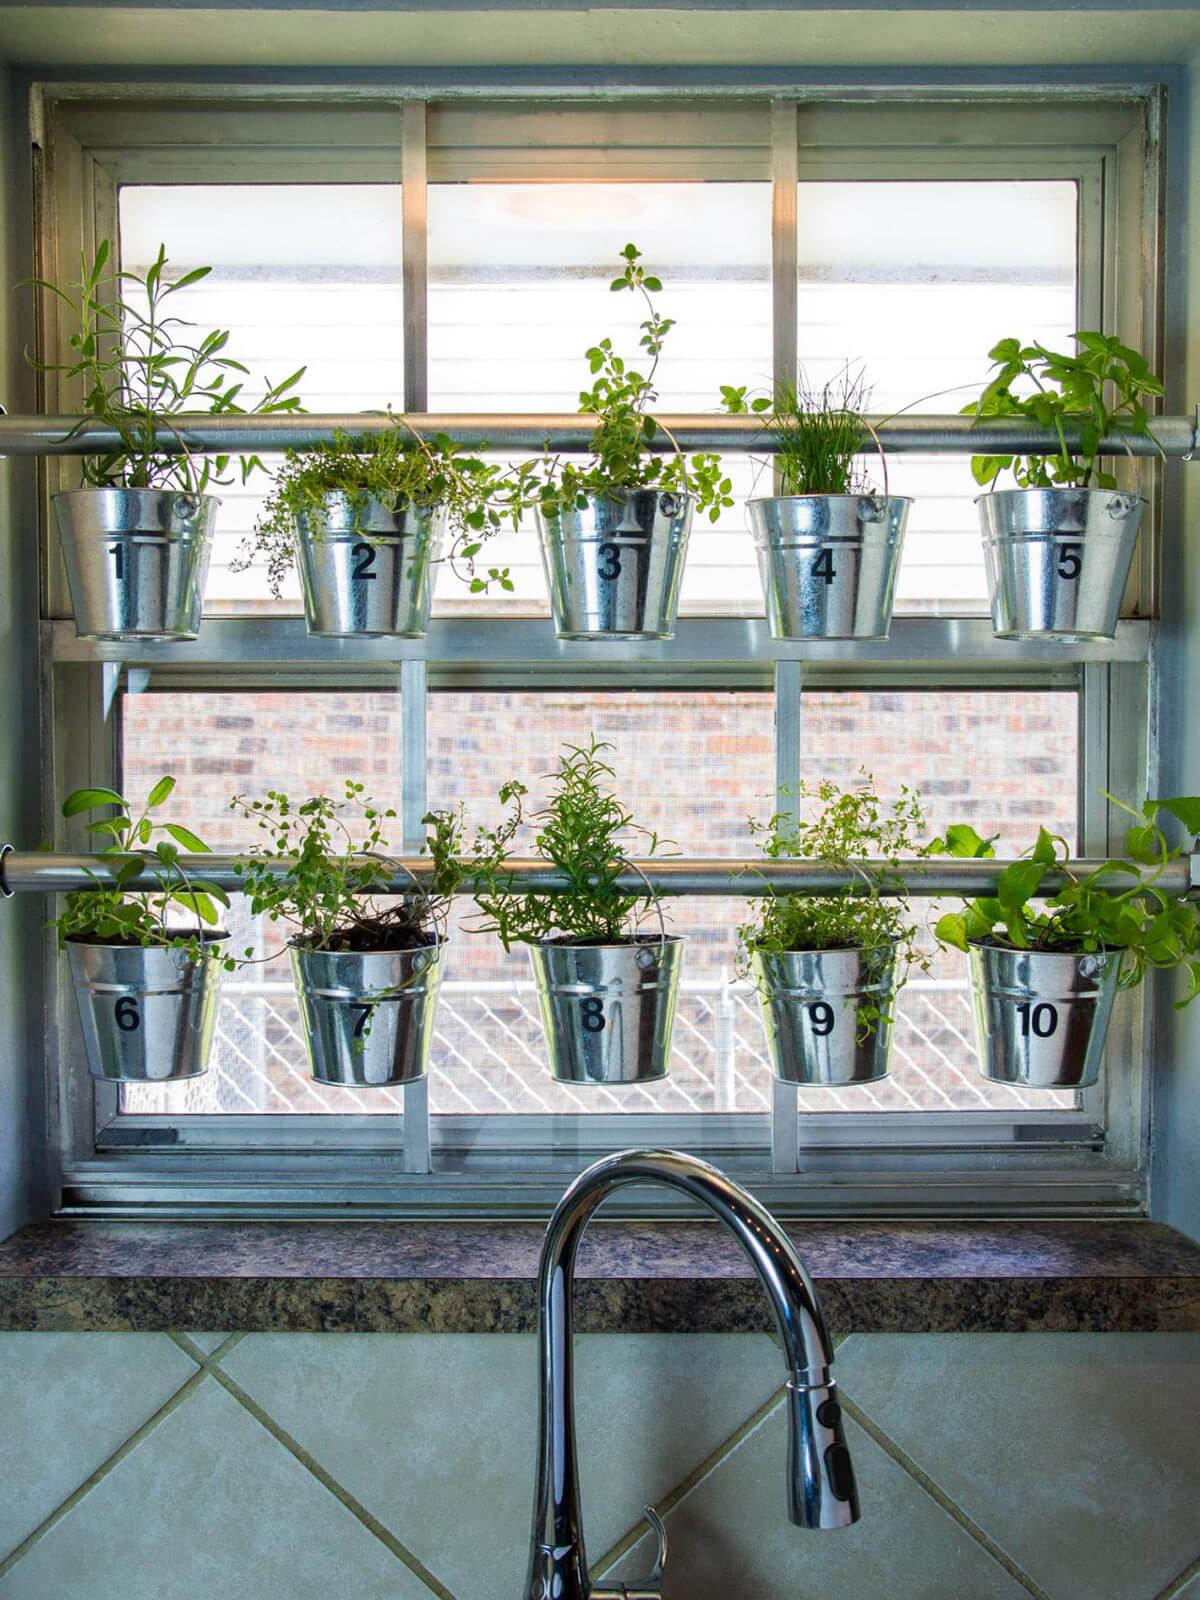 Curtain Rod Hanging Herb Garden